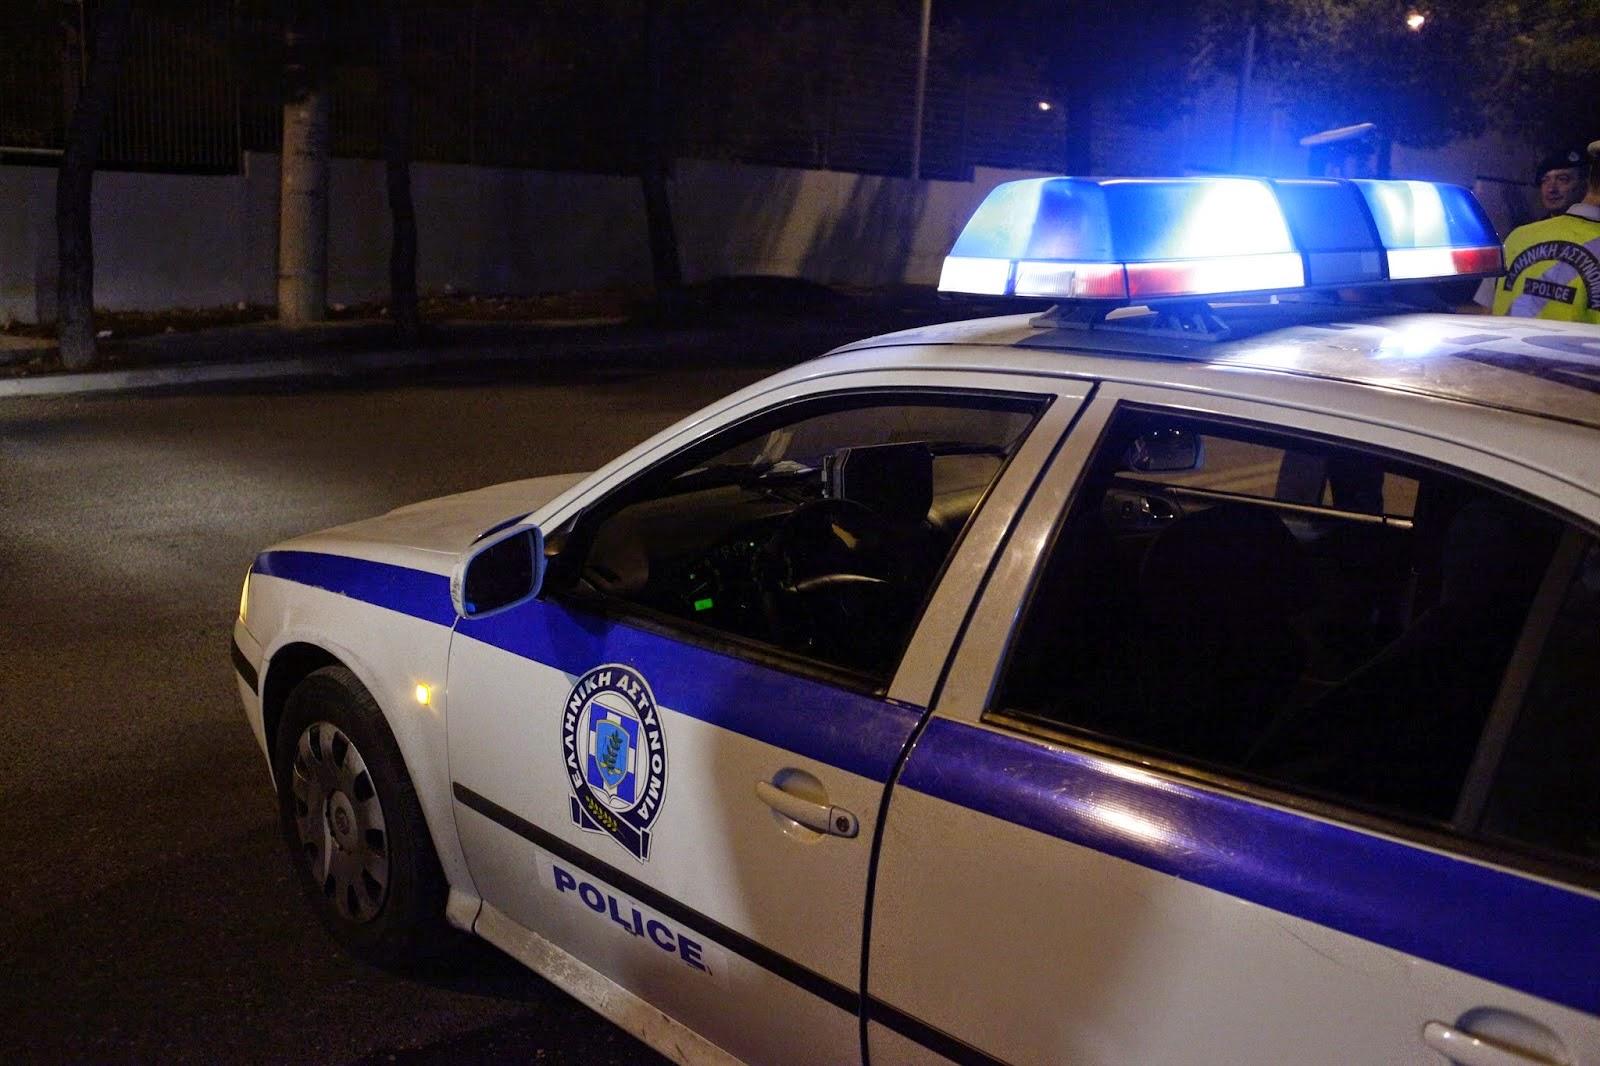 Συλλήψεις στο Αγρίνιο για άσκοπους πυροβολισμούς και ξυλοδαρμό